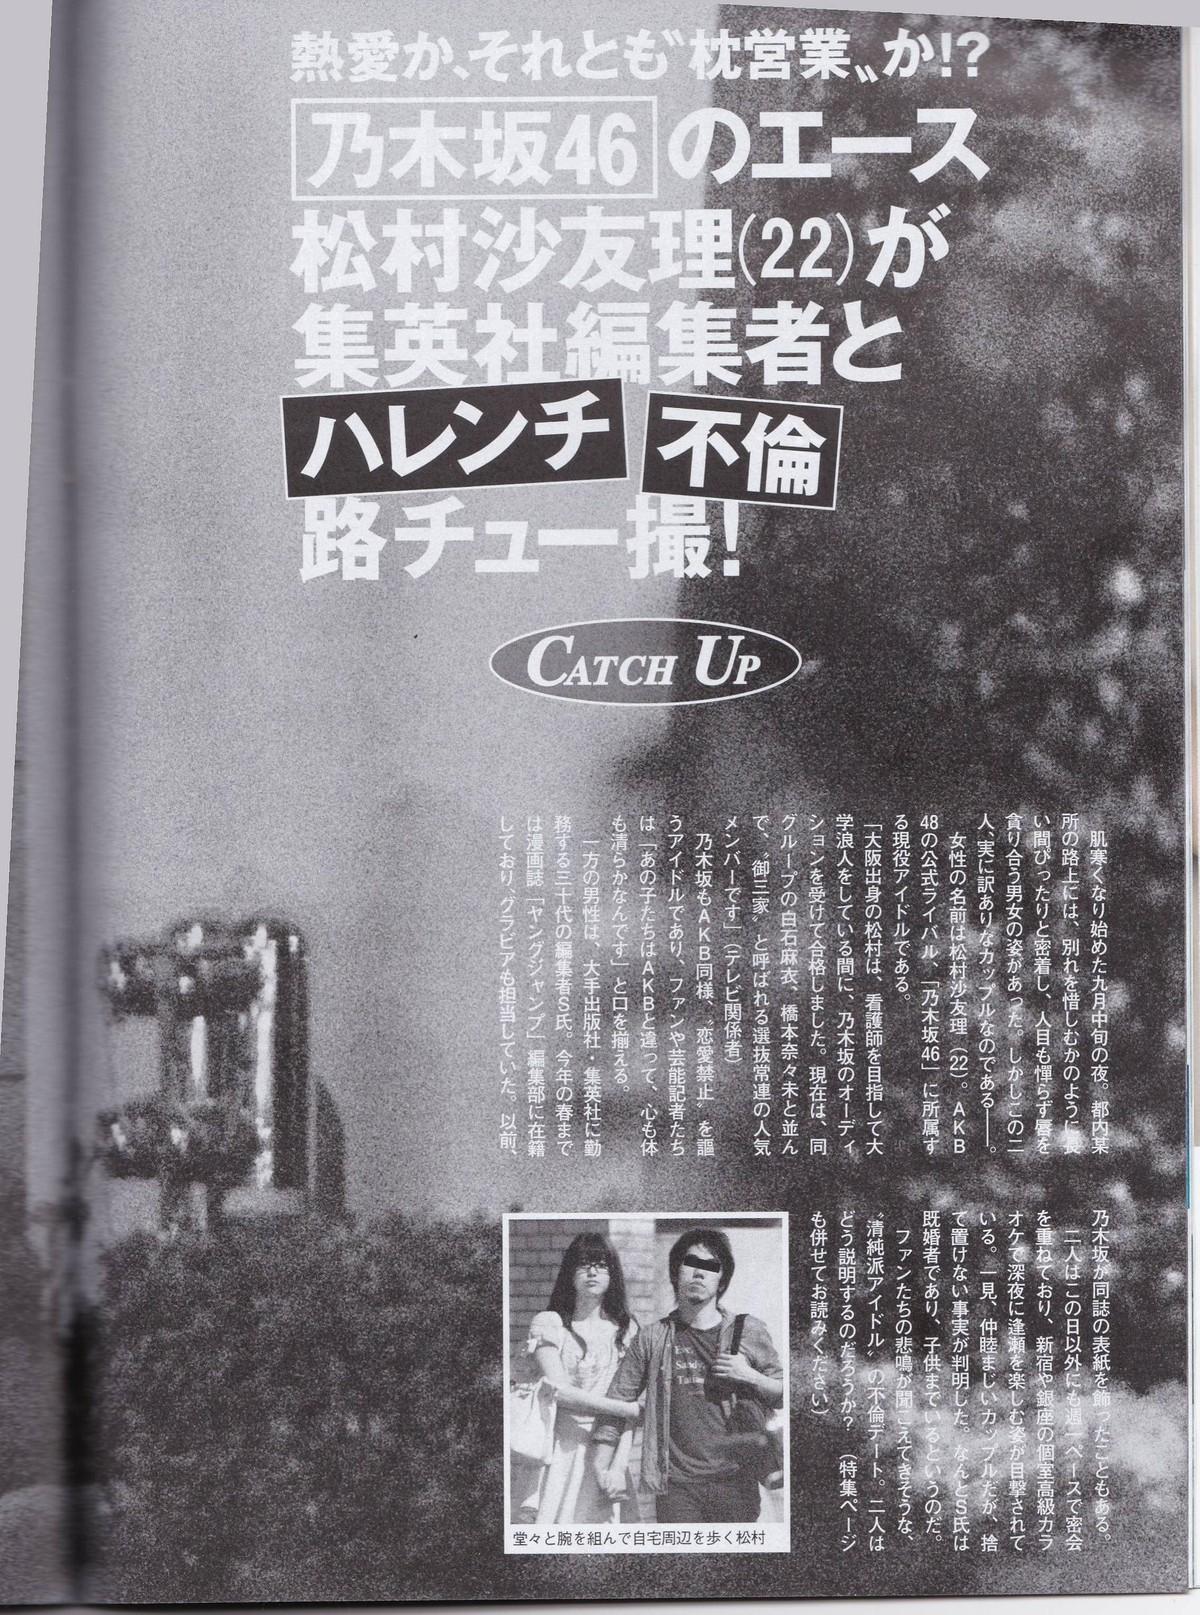 乃木坂46松村沙友理(22)「不倫だとは知らなかった」「本屋のマンガコーナーでたまたま知り合った」3